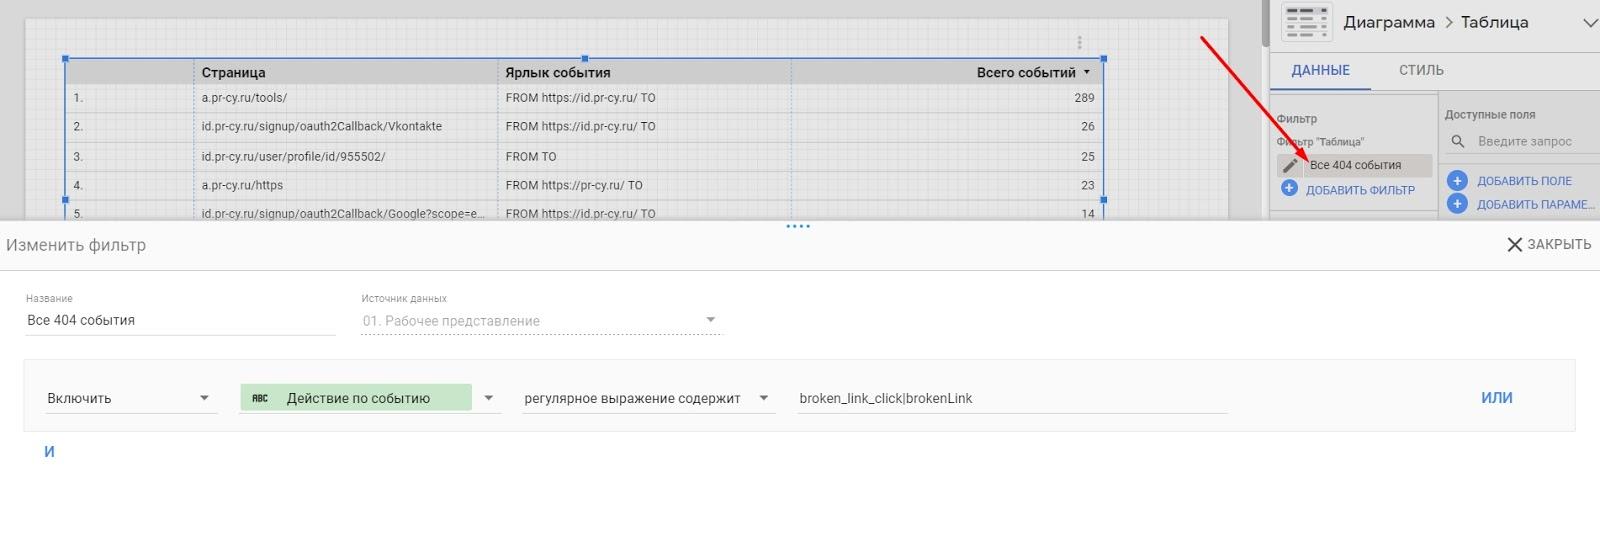 Настройка отчета в Google Data Studio